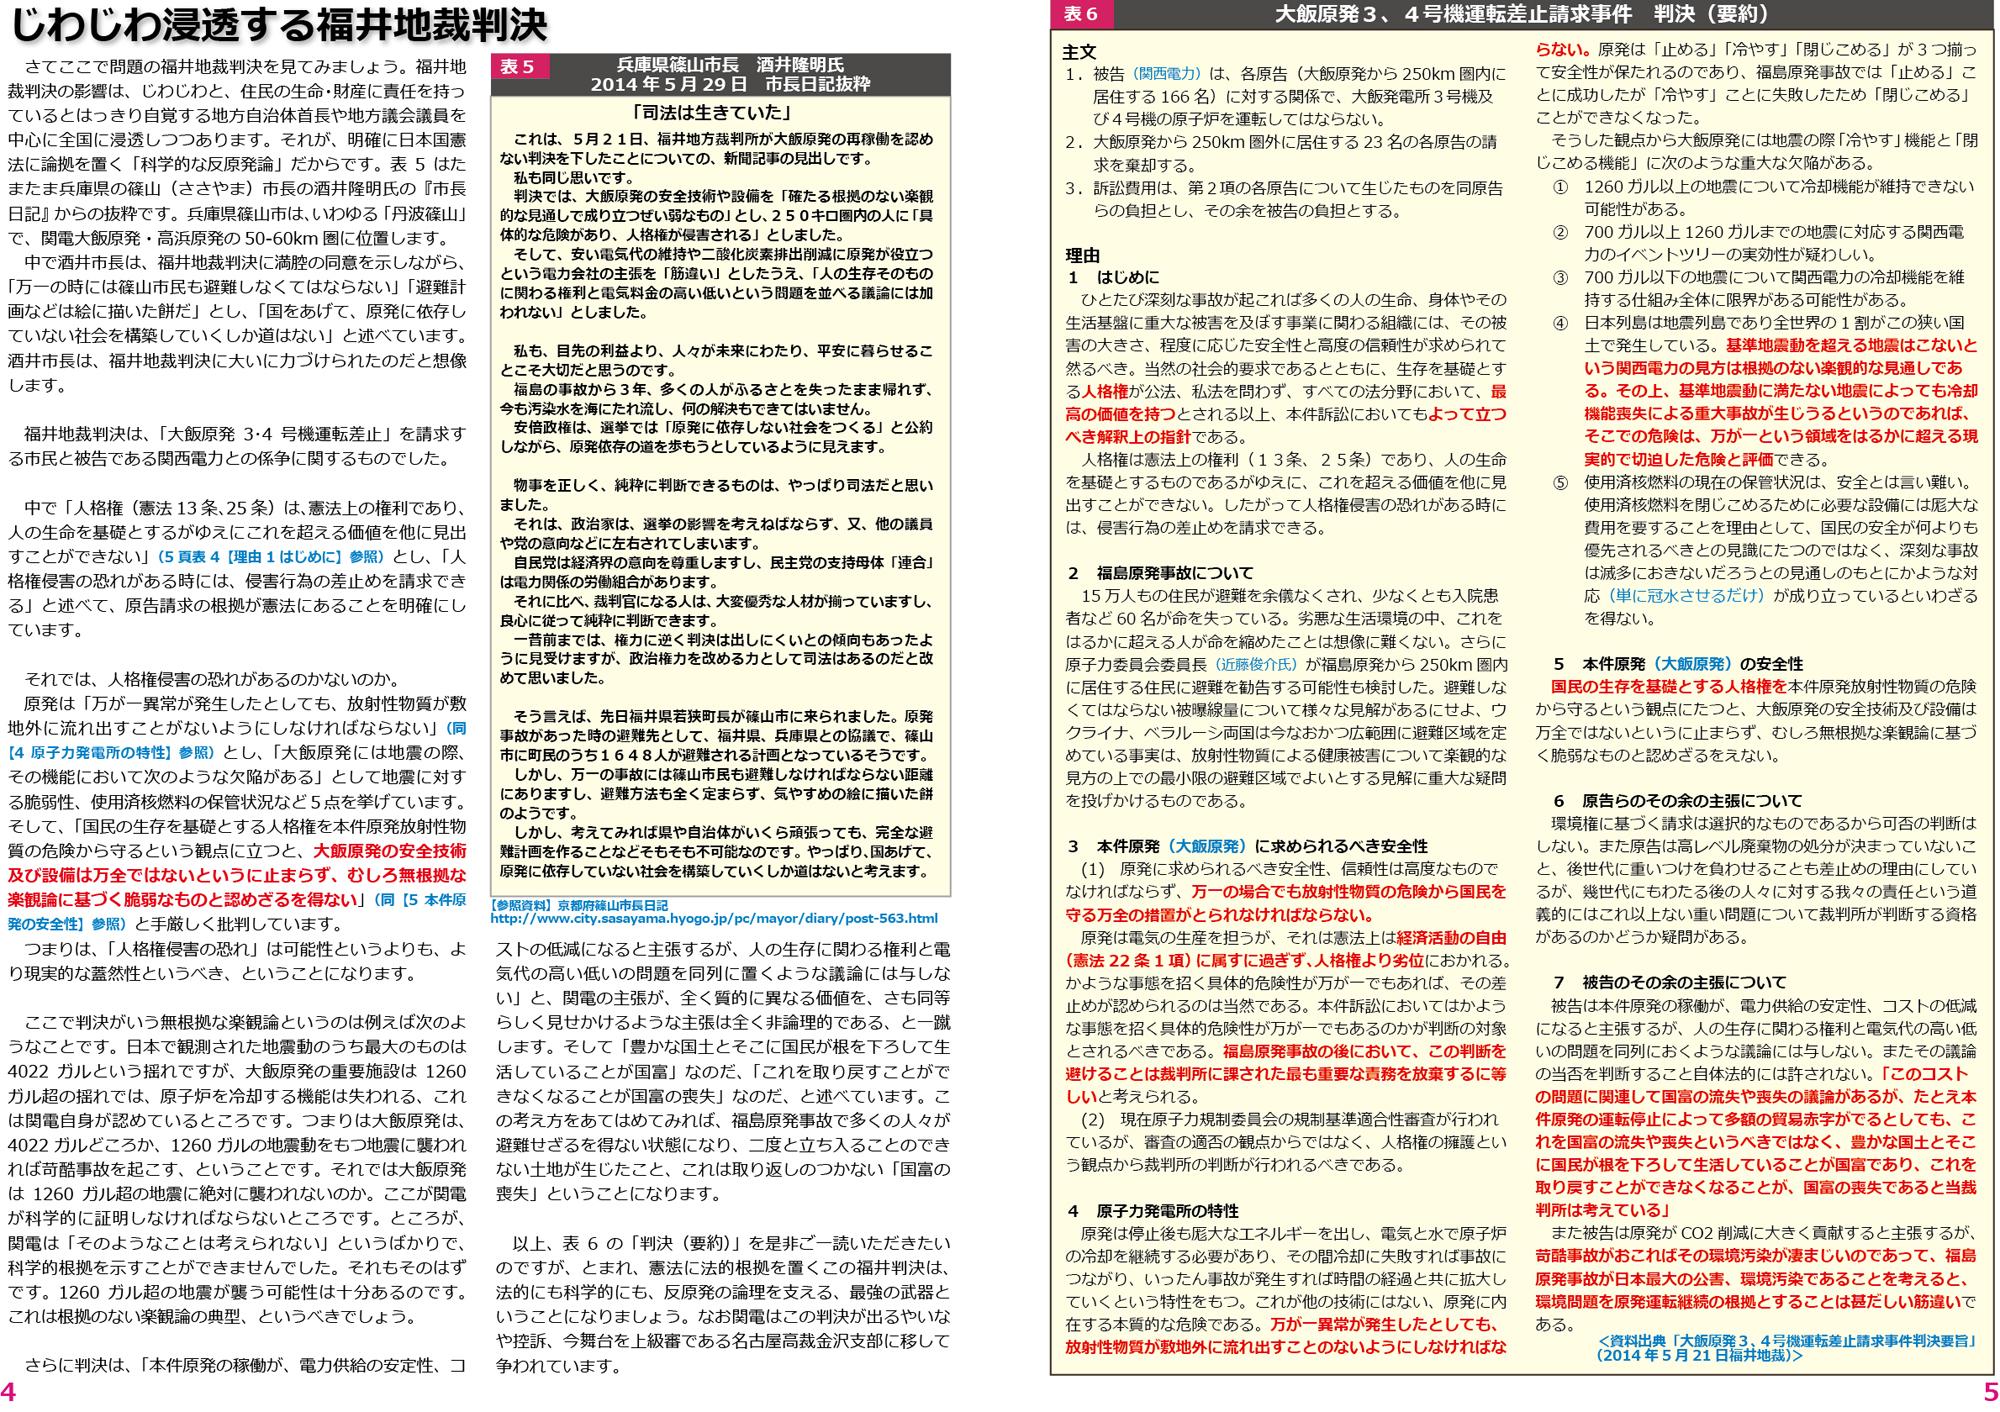 ファイル 49-3.jpg